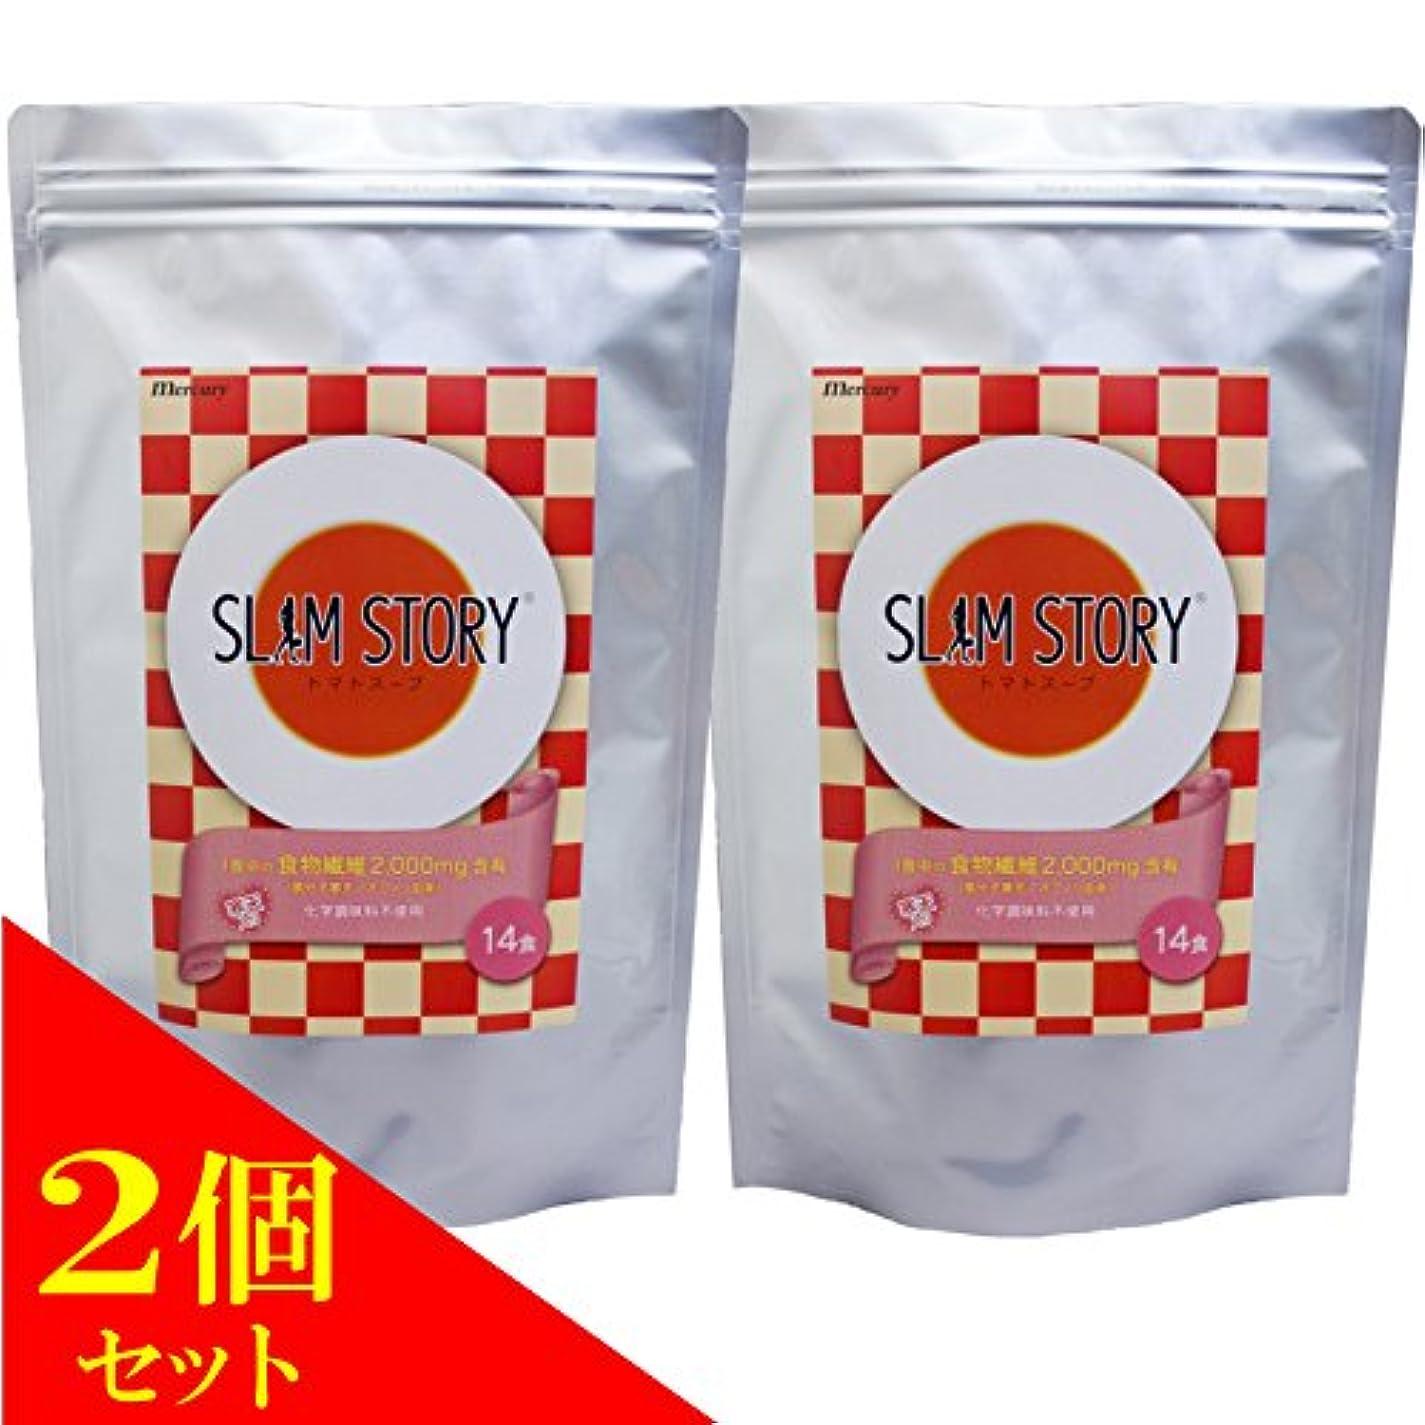 副産物ハミングバード増幅(2個) マーキュリー SLIM STORY トマトスープ 14食×2袋セット/化学調味料 不使用(4947041155022)